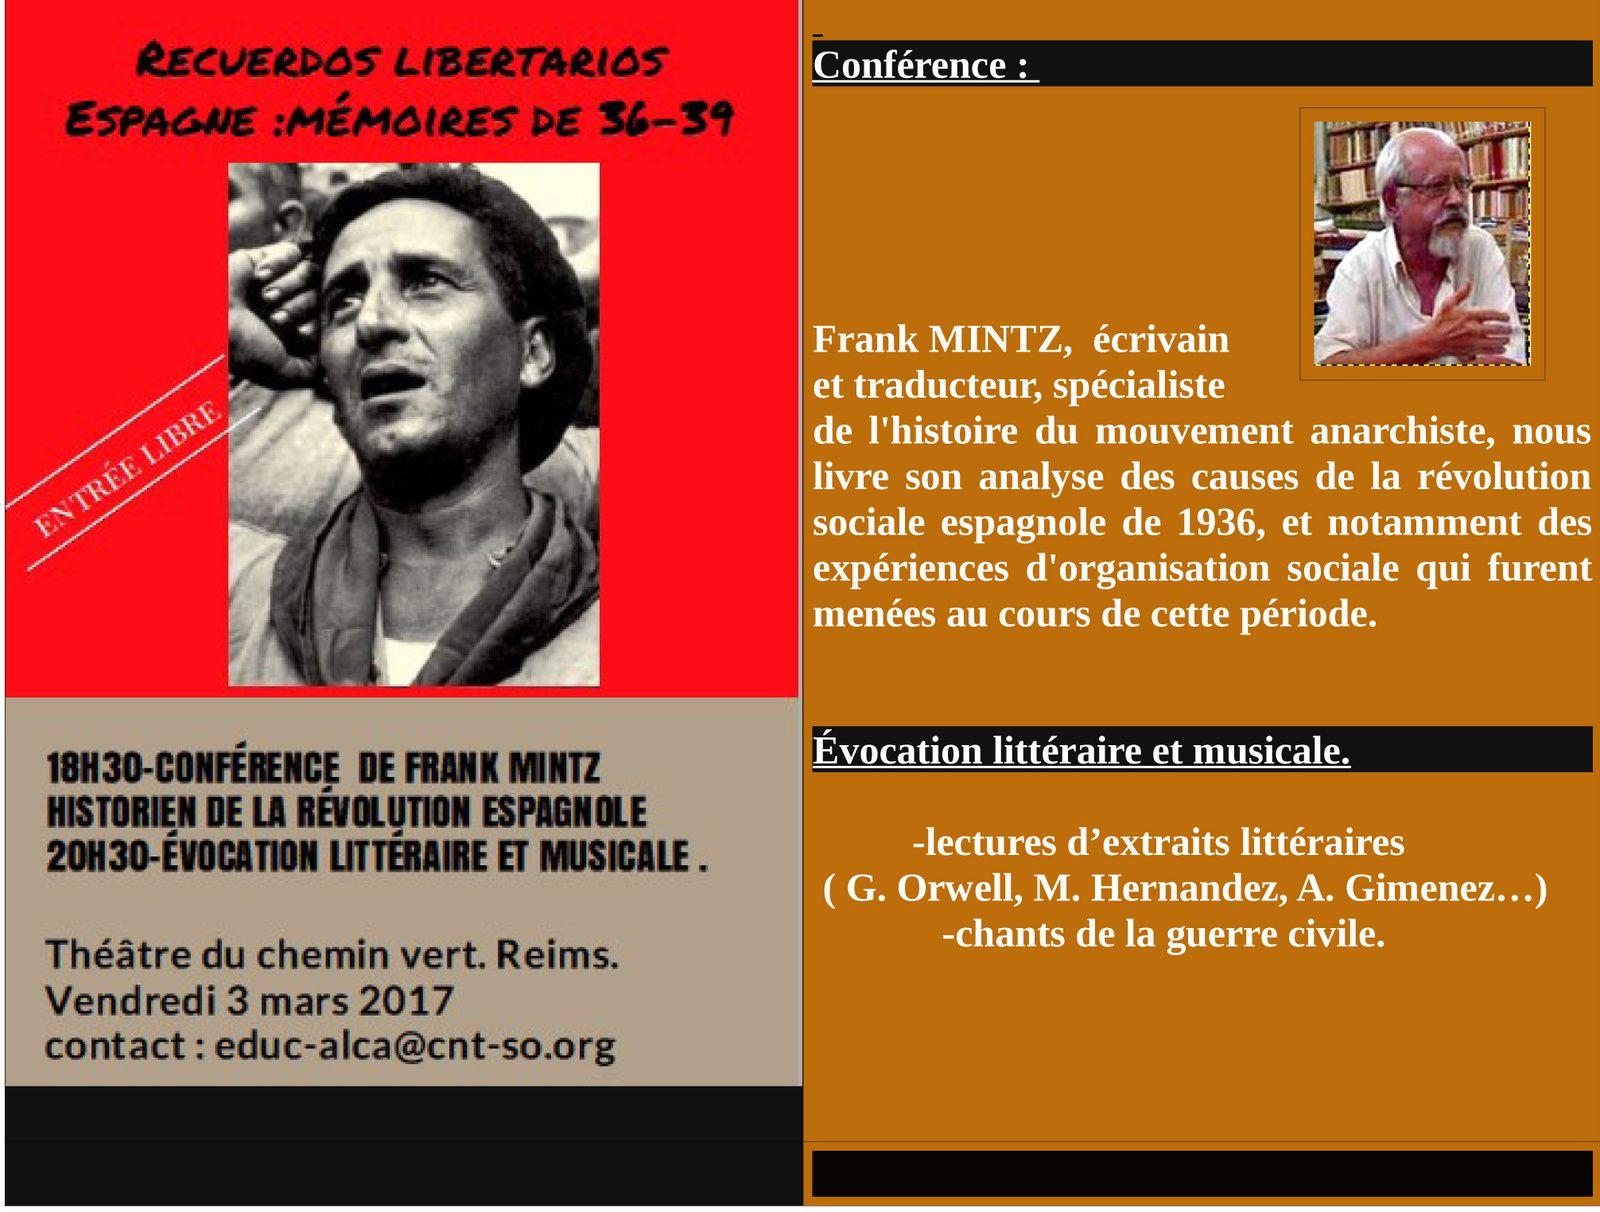 Espagne : mémoires de 36-39